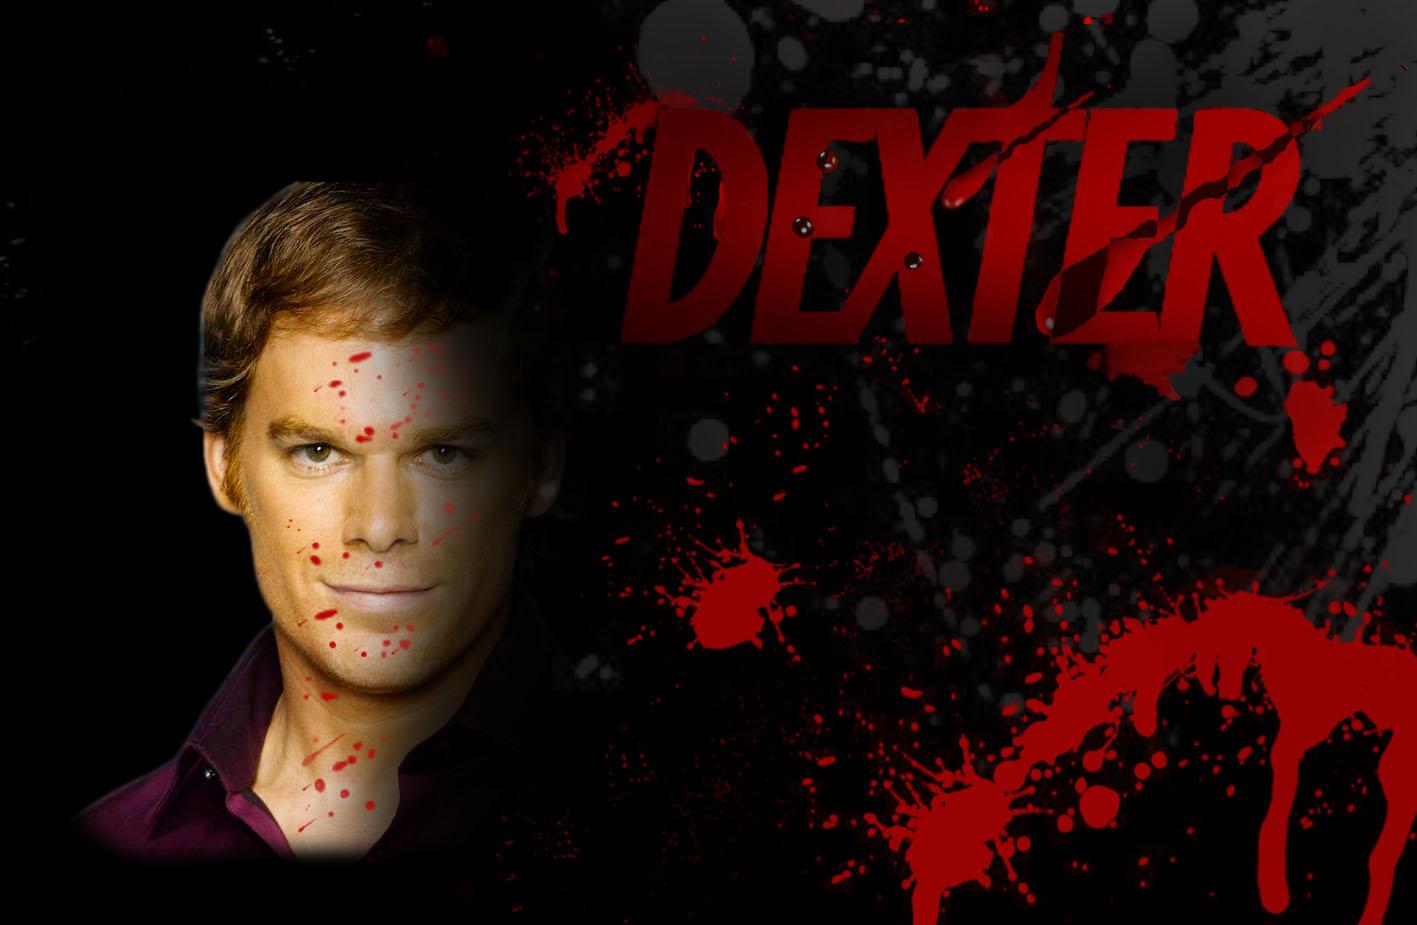 http://2.bp.blogspot.com/-kYc61n396aM/TrqG2-9kRsI/AAAAAAAAA1k/d3CvSC61a54/s1600/Dexter_.jpg